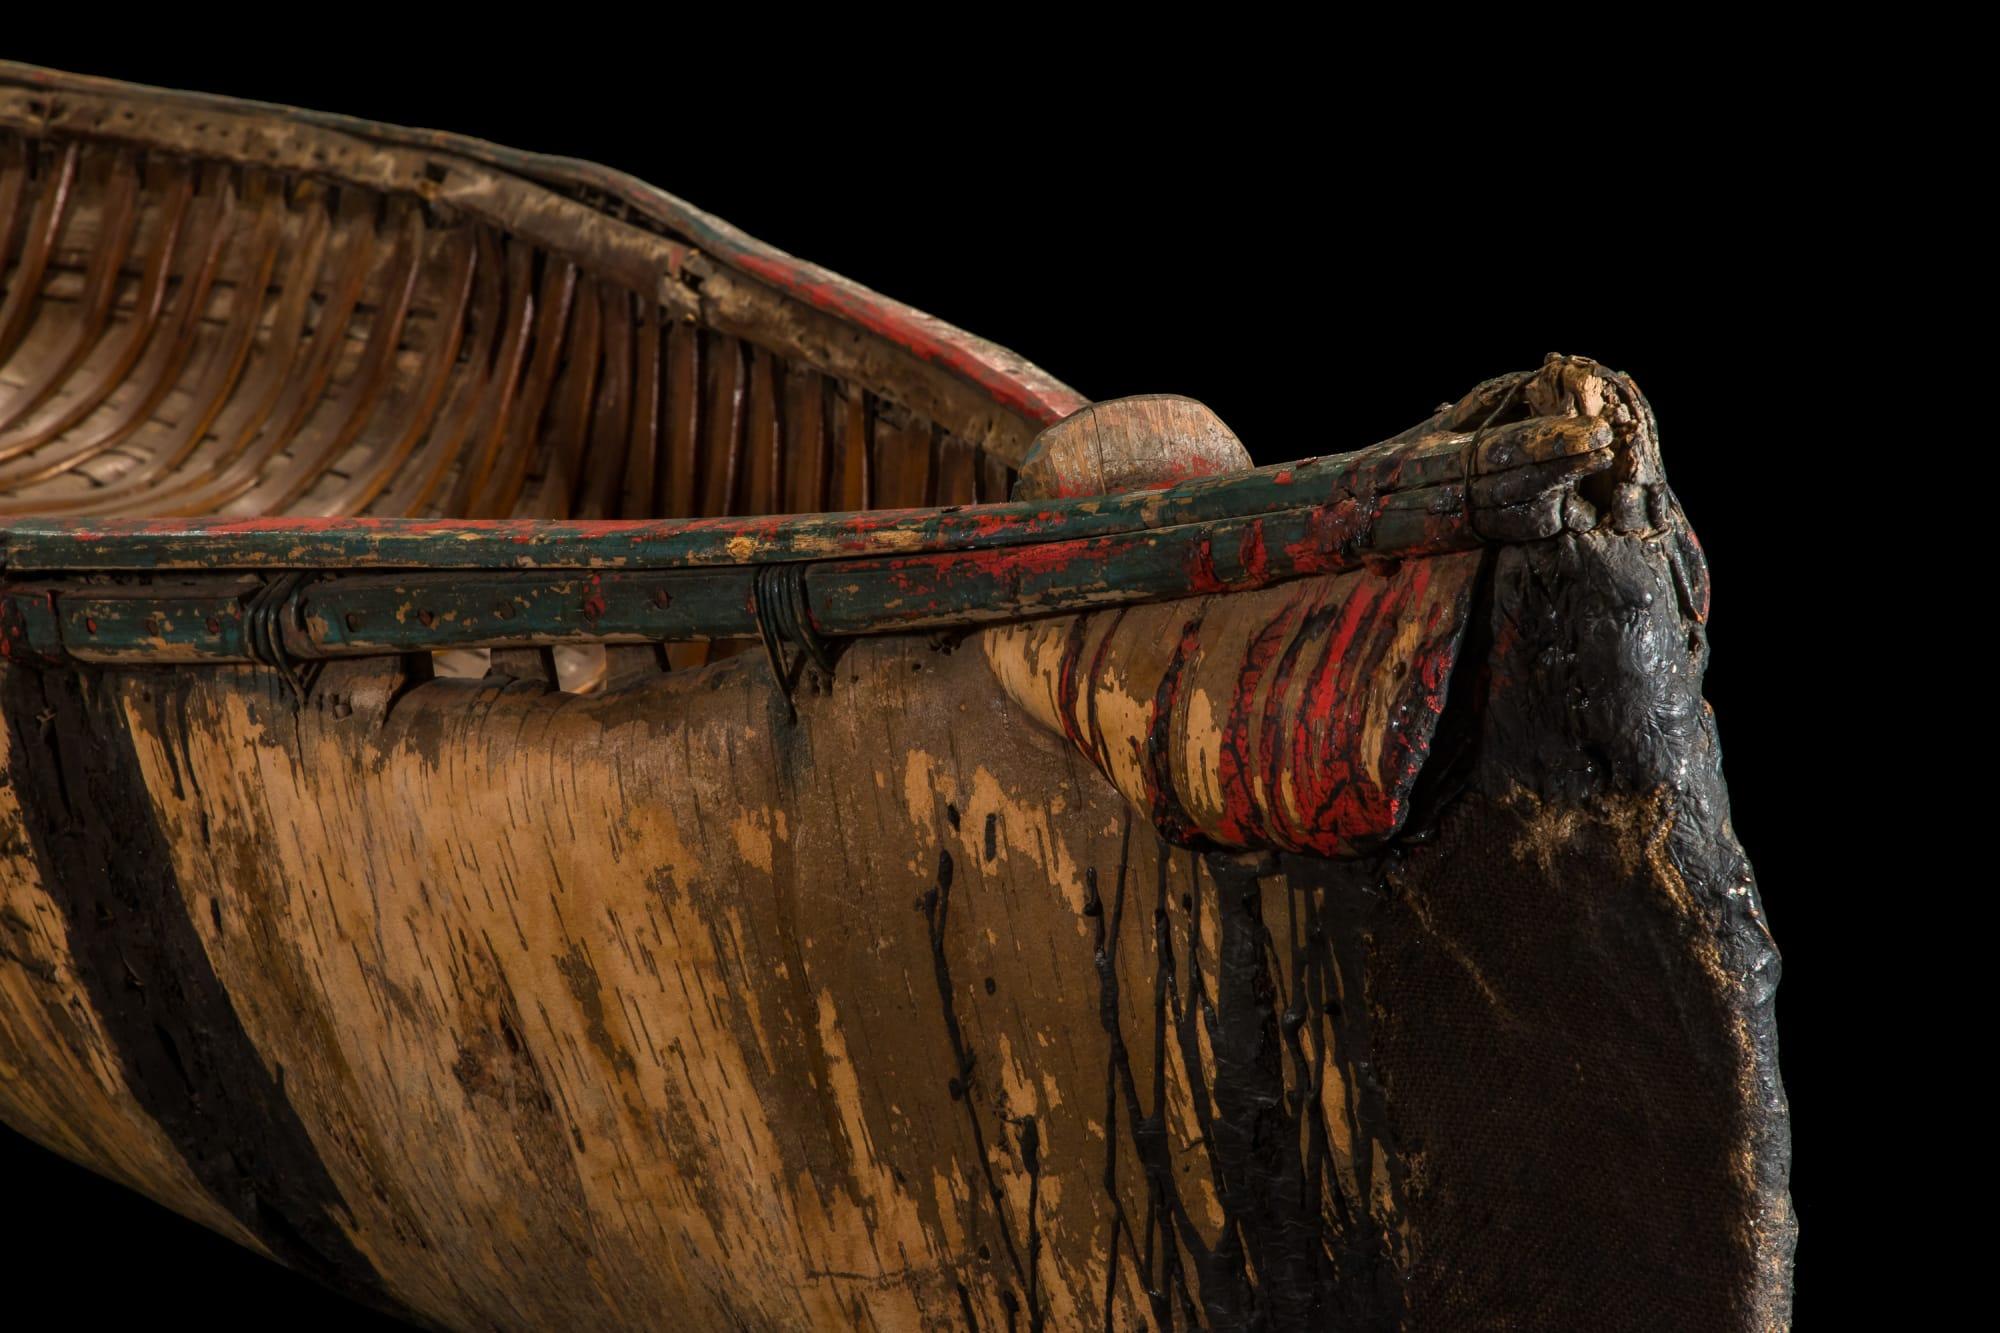 Birchbark Canoe front nose